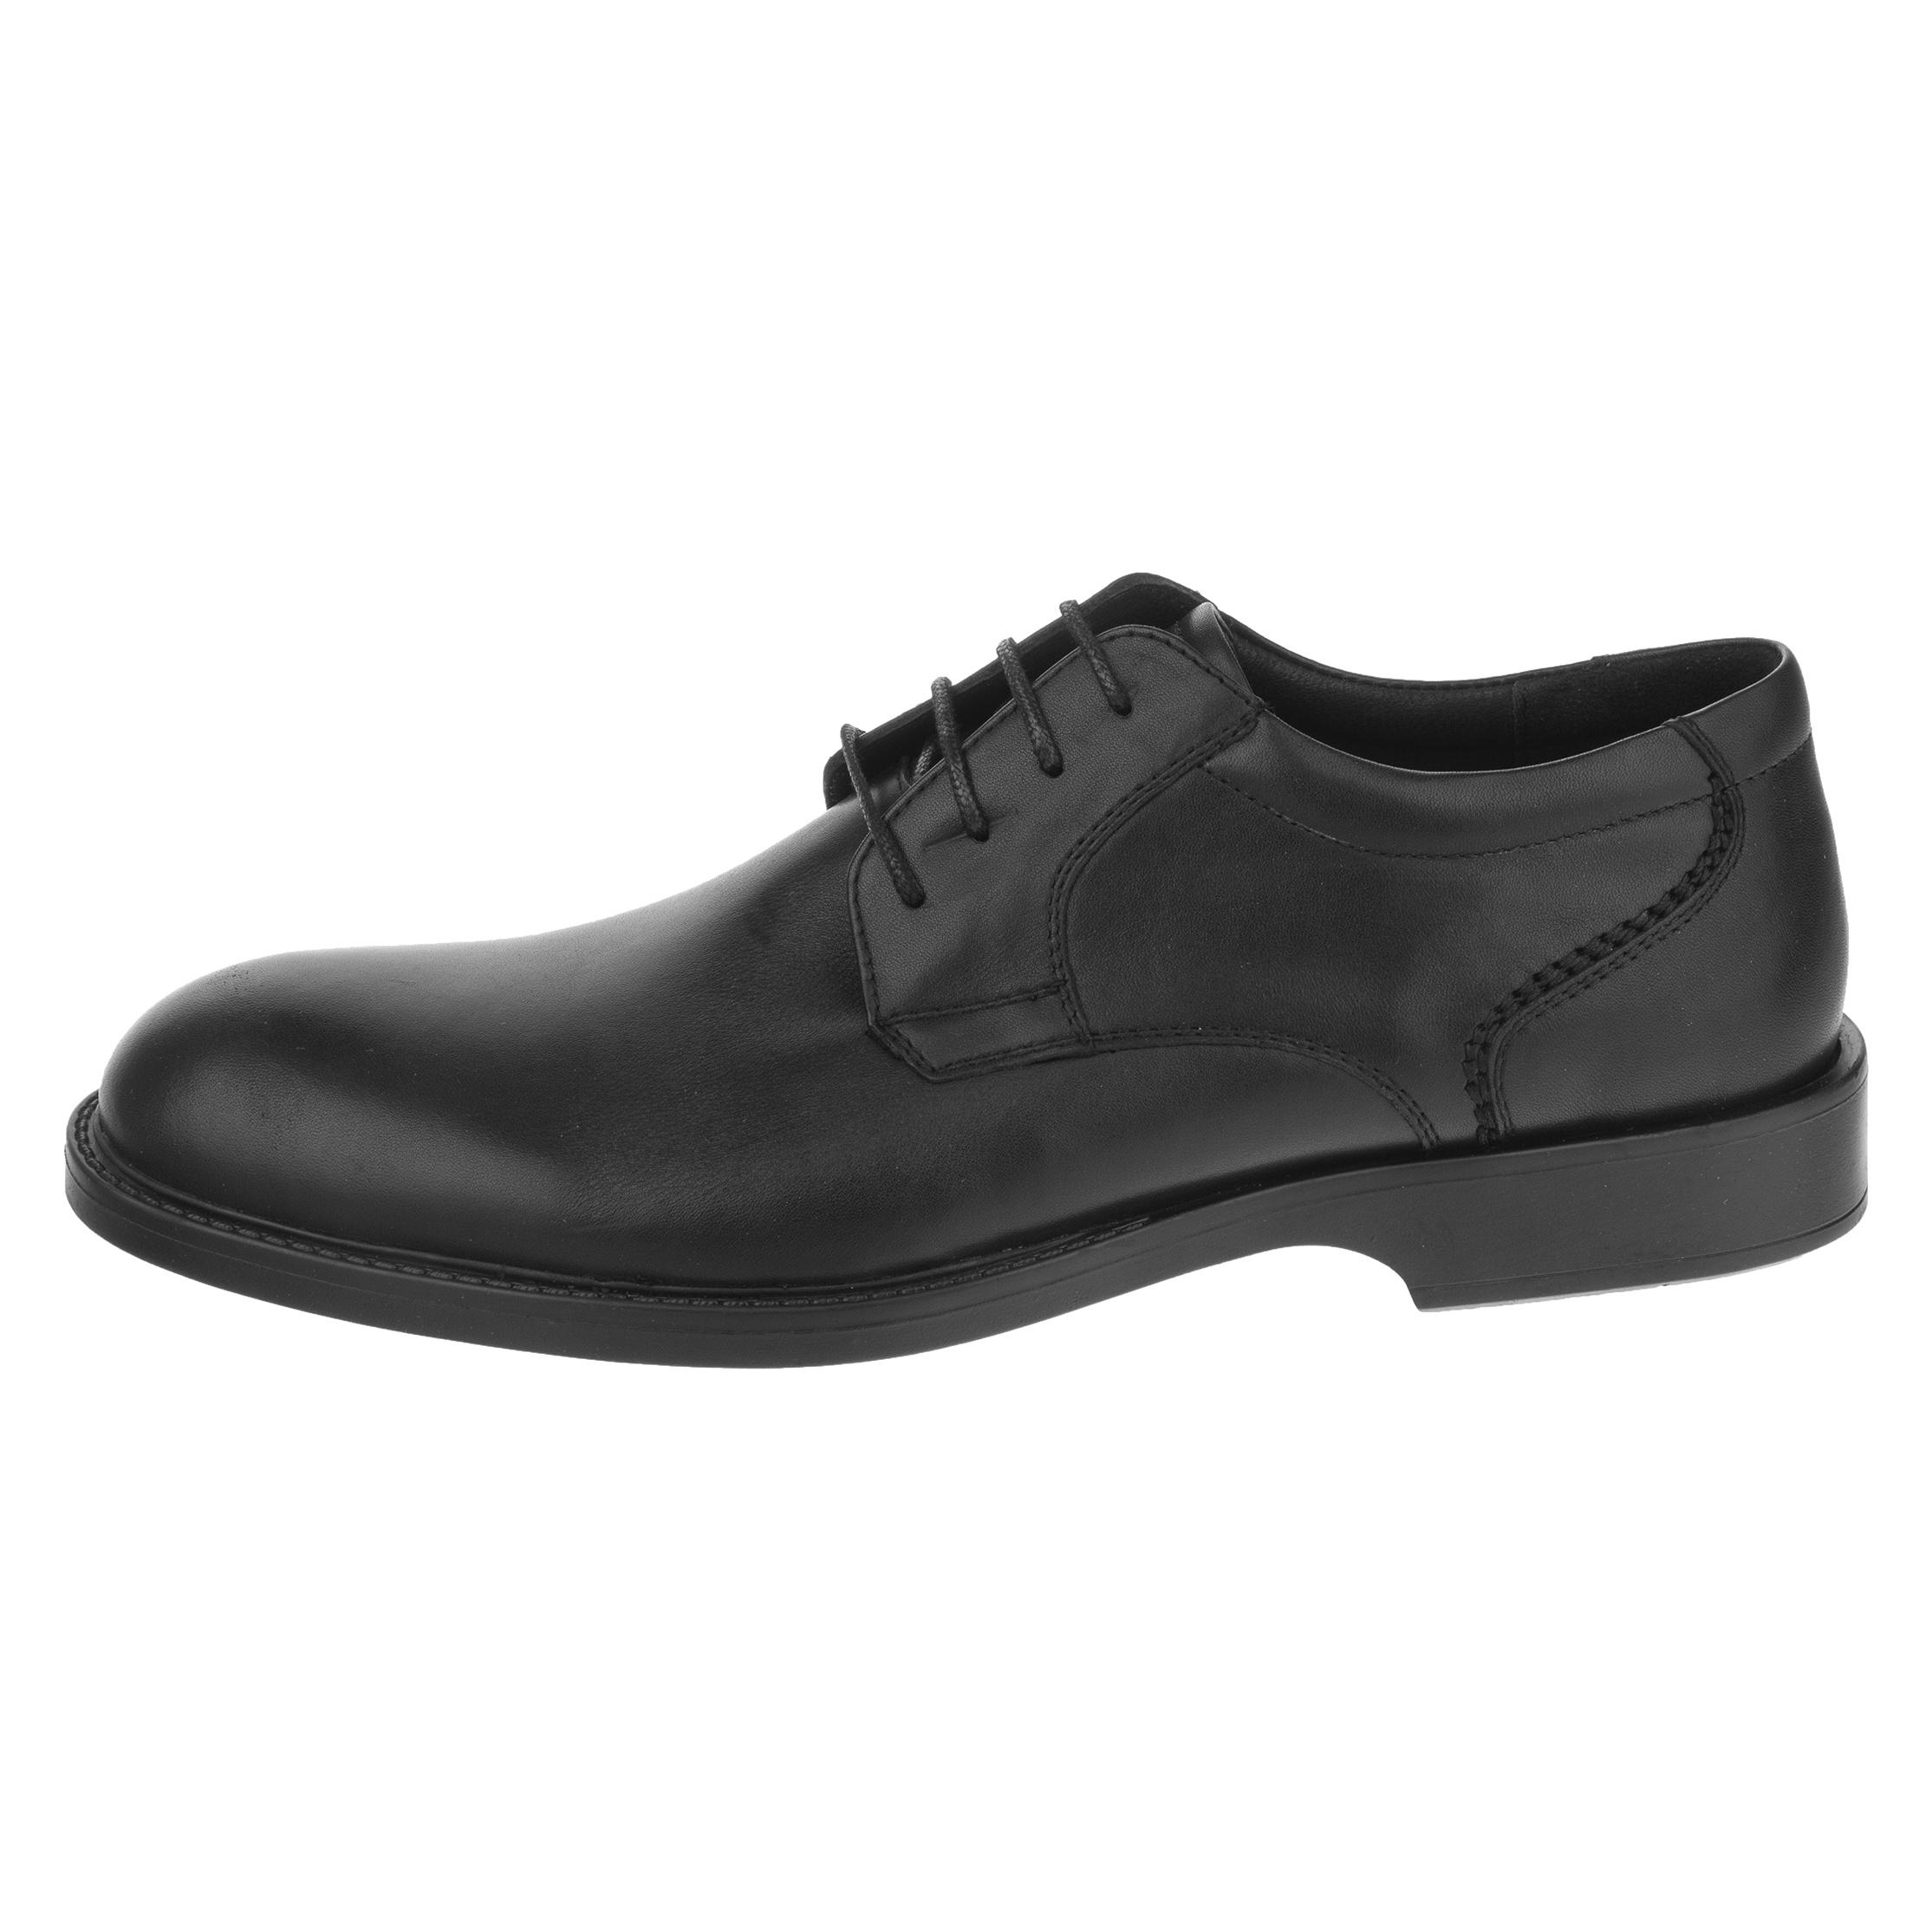 کفش مردانه گاندو مدل 712-99